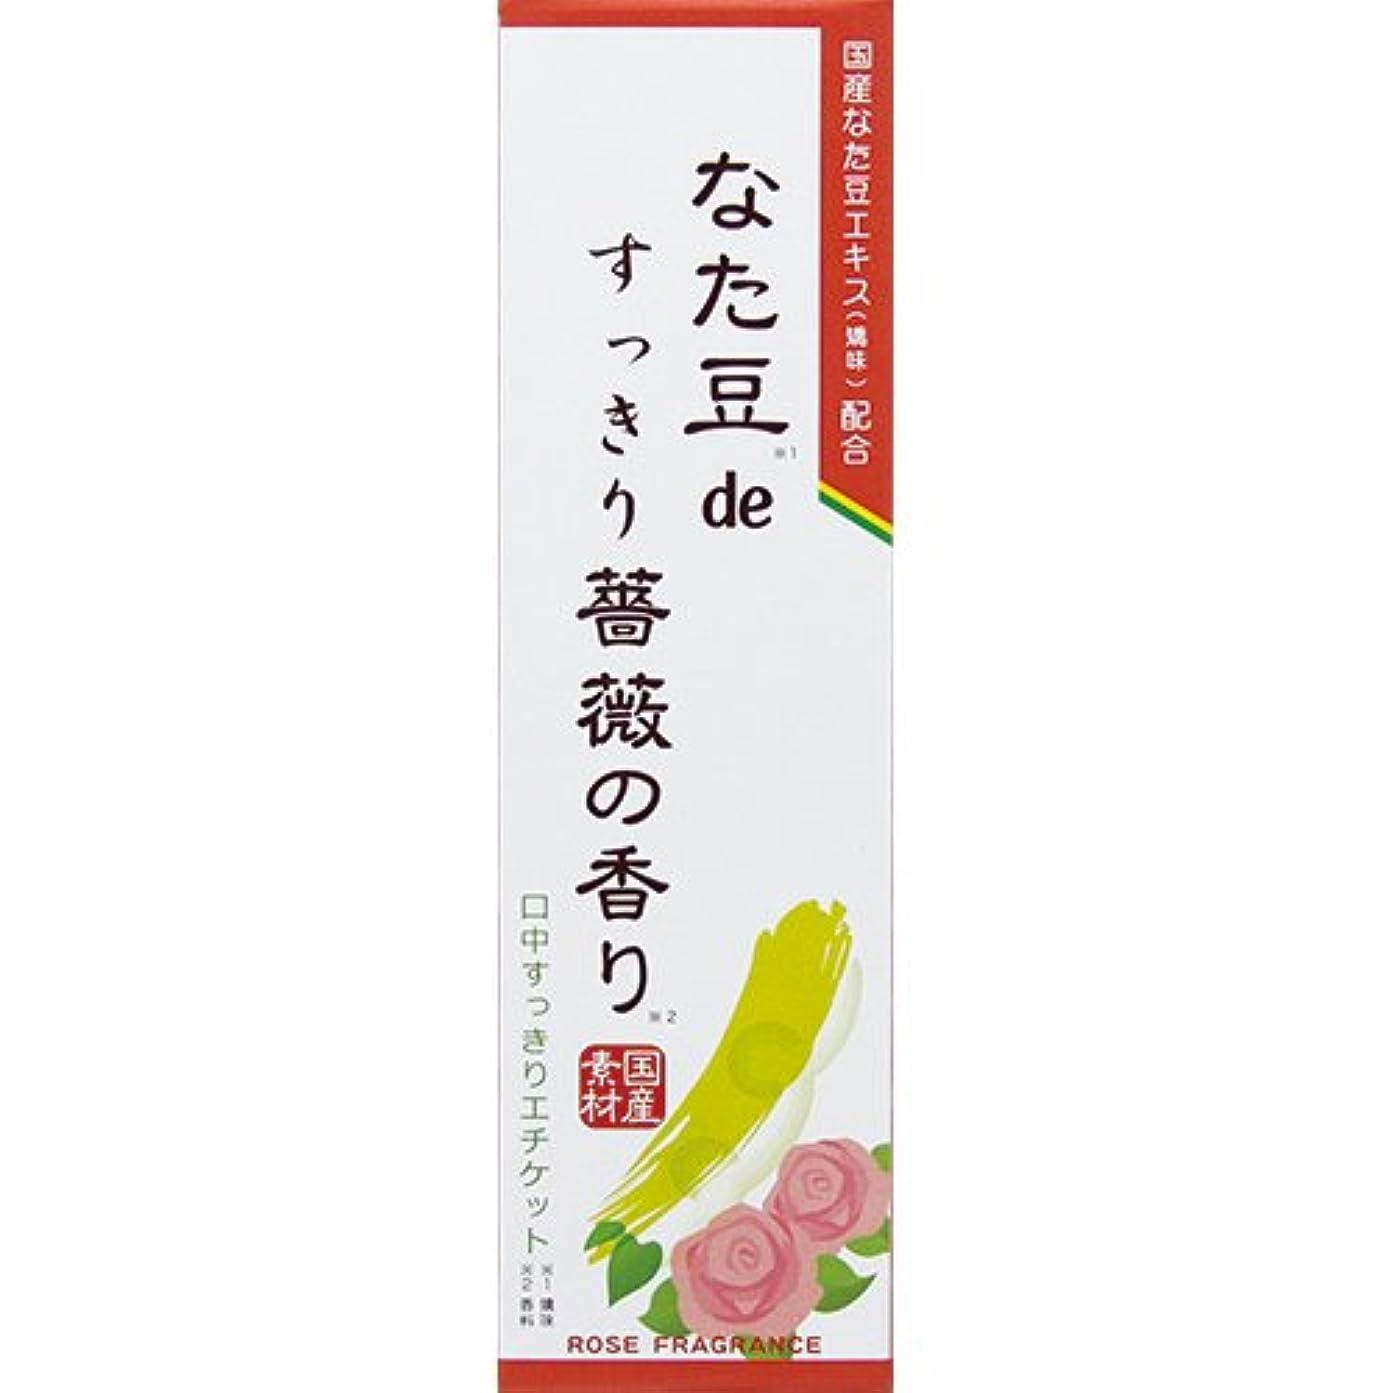 論争的原告征服なた豆deすっきり薔薇の香り 120g